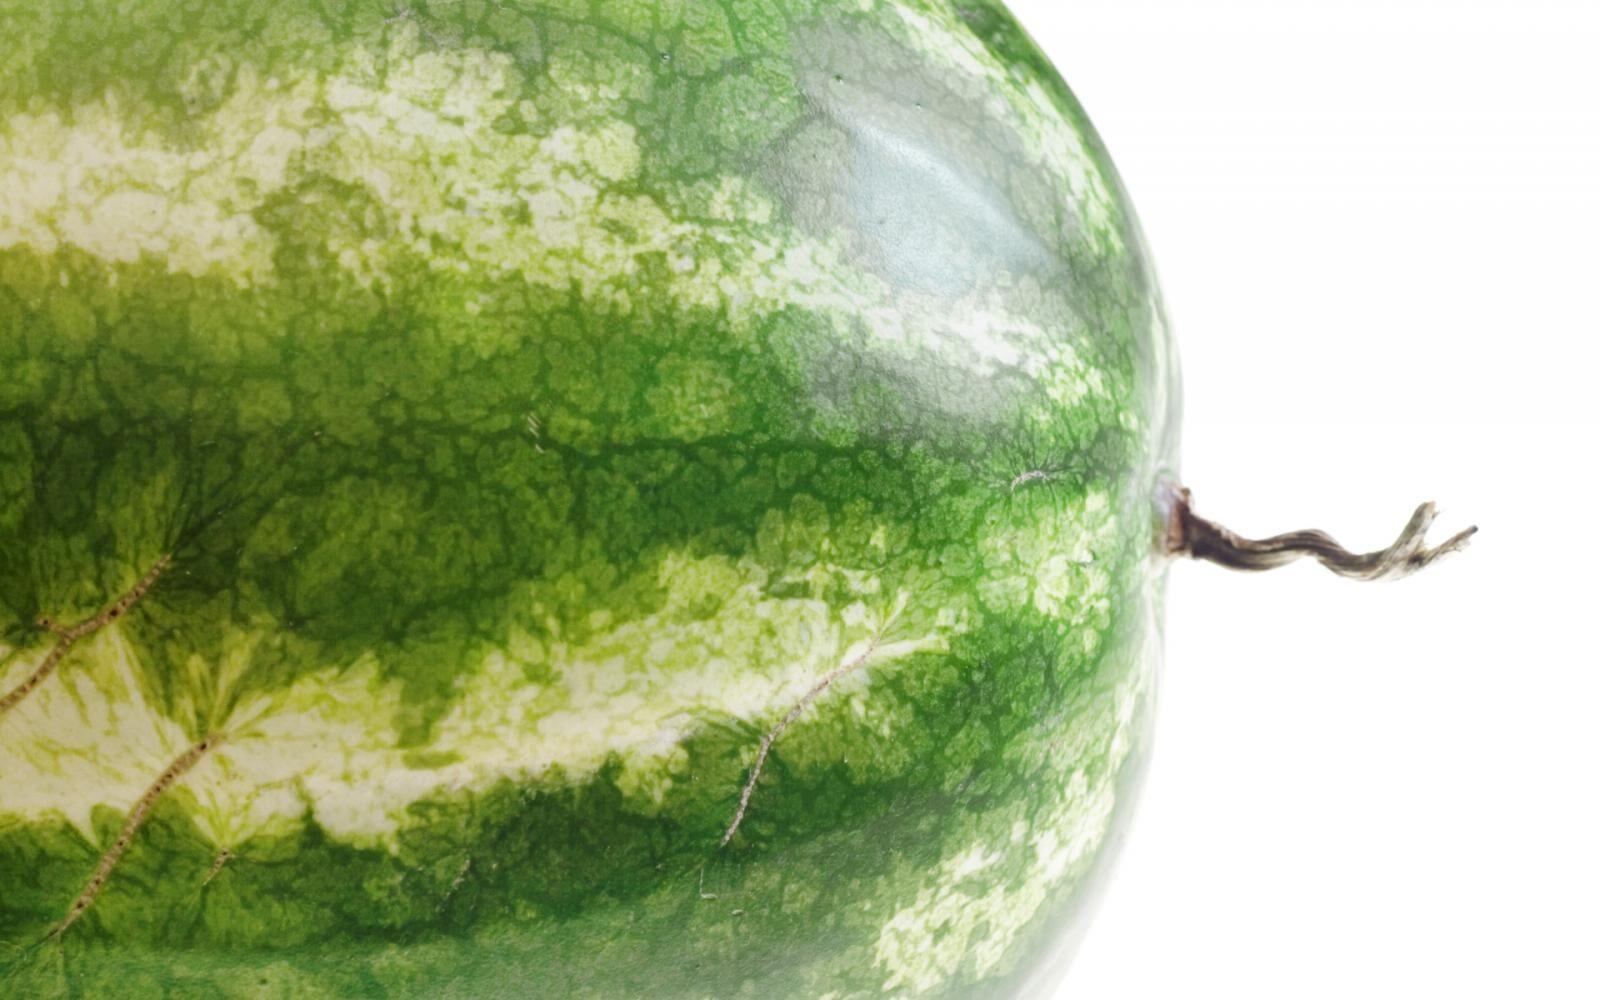 Хвостик арбуза